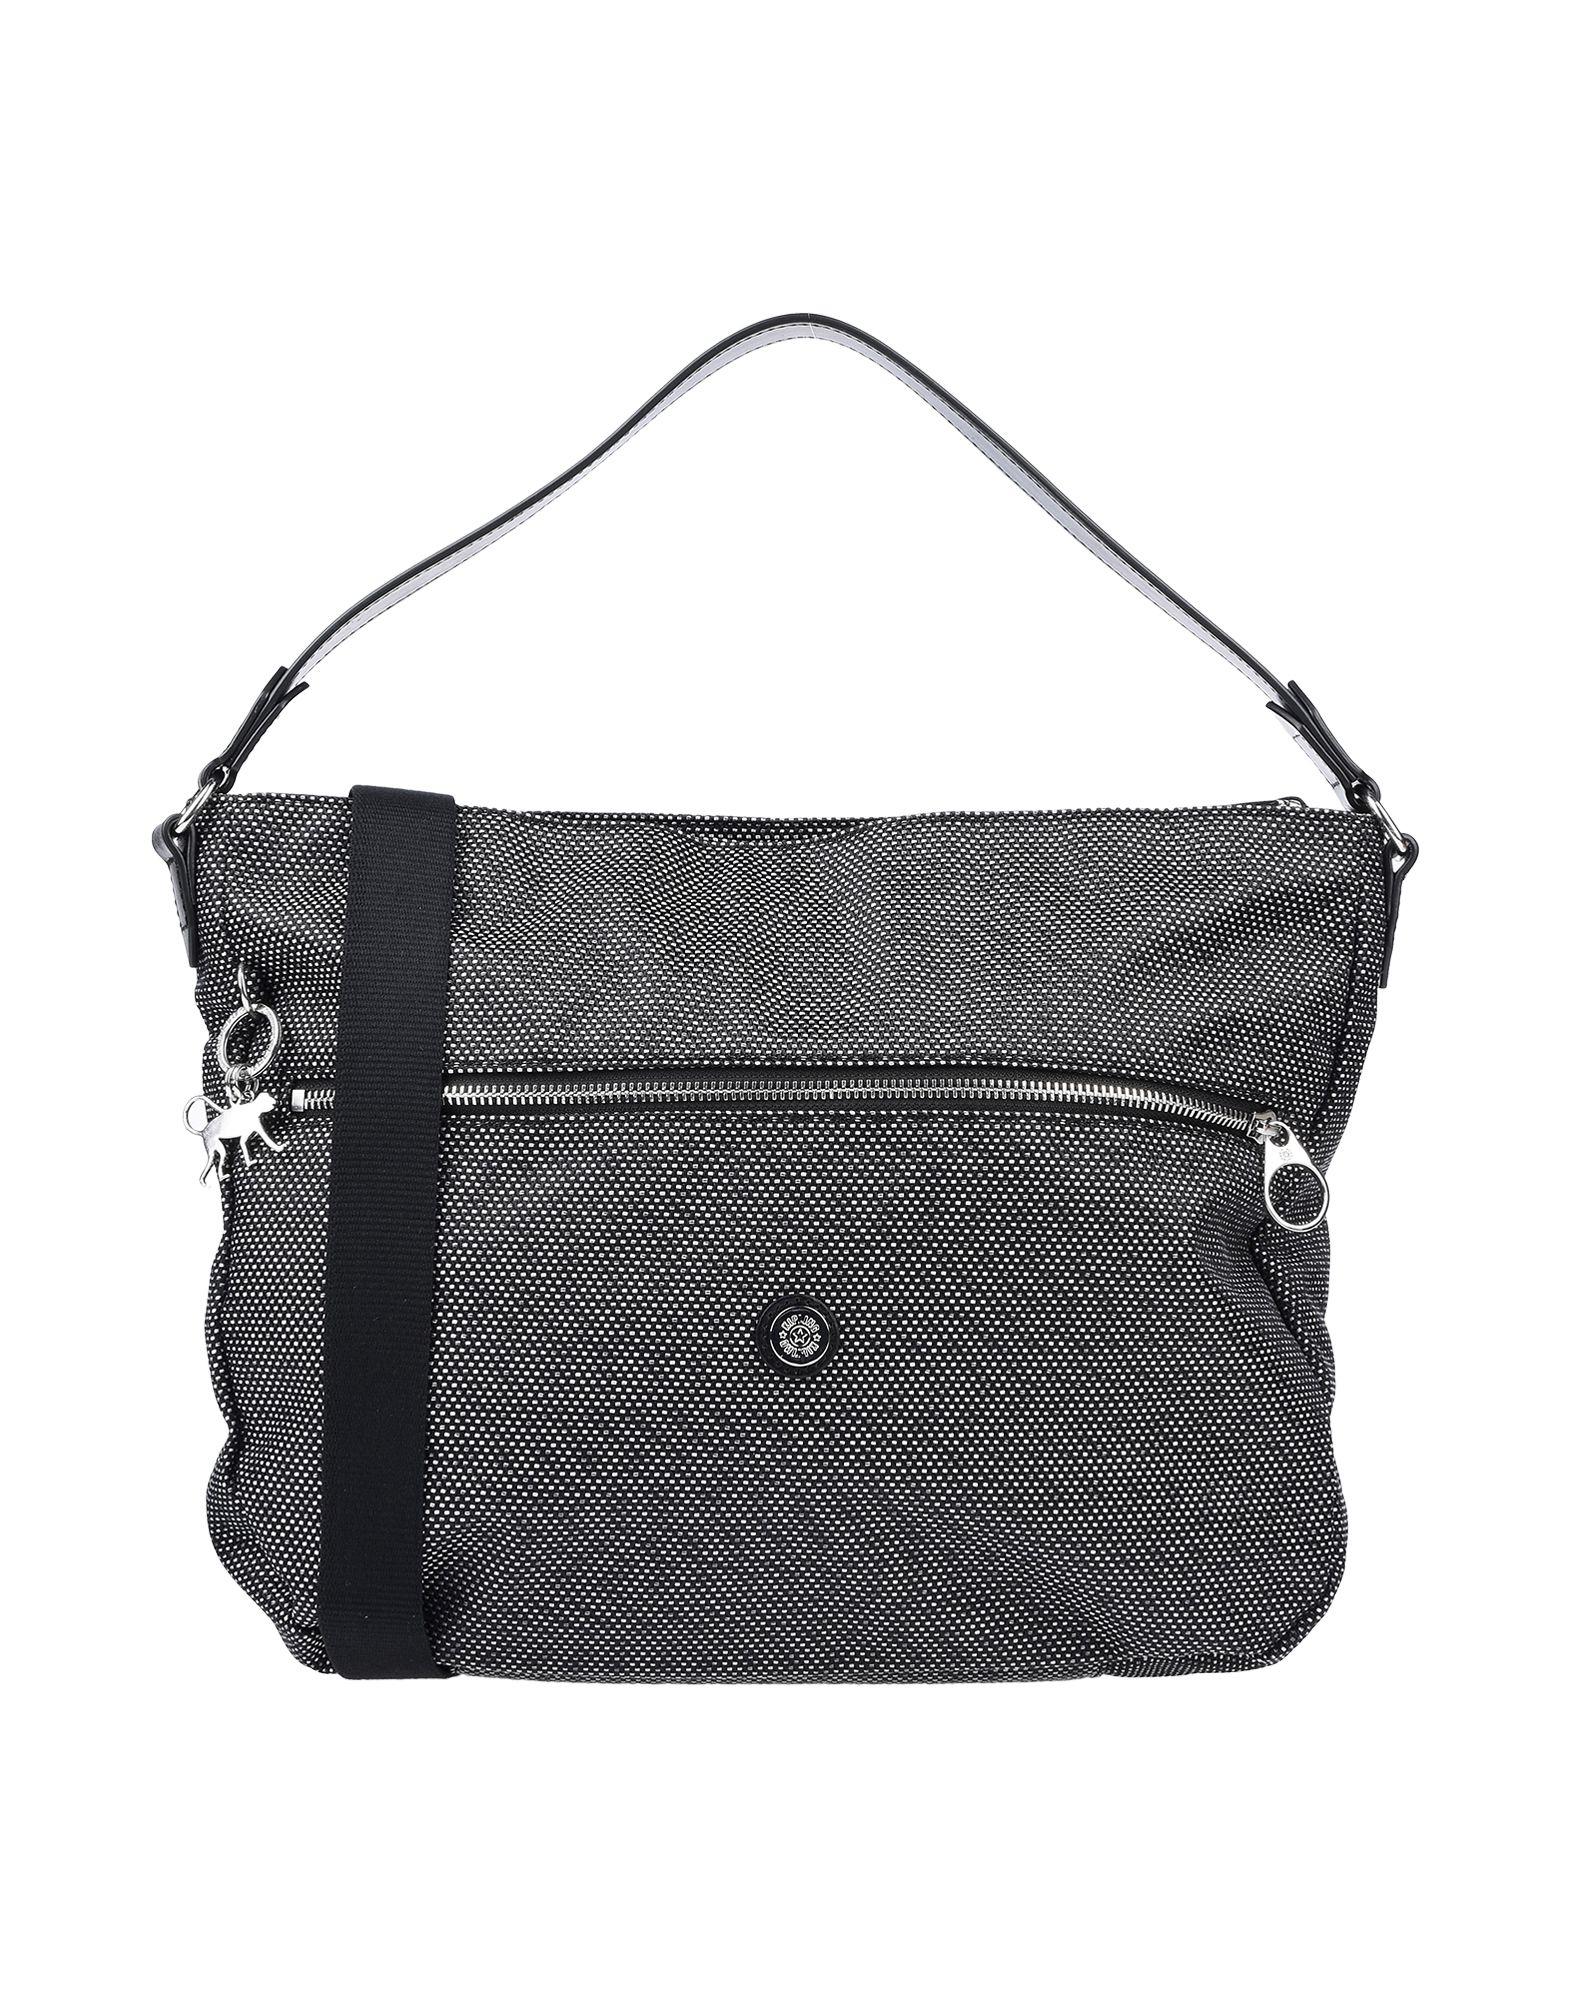 《期間限定セール開催中!》KIPLING レディース ハンドバッグ スチールグレー 革 / 紡績繊維